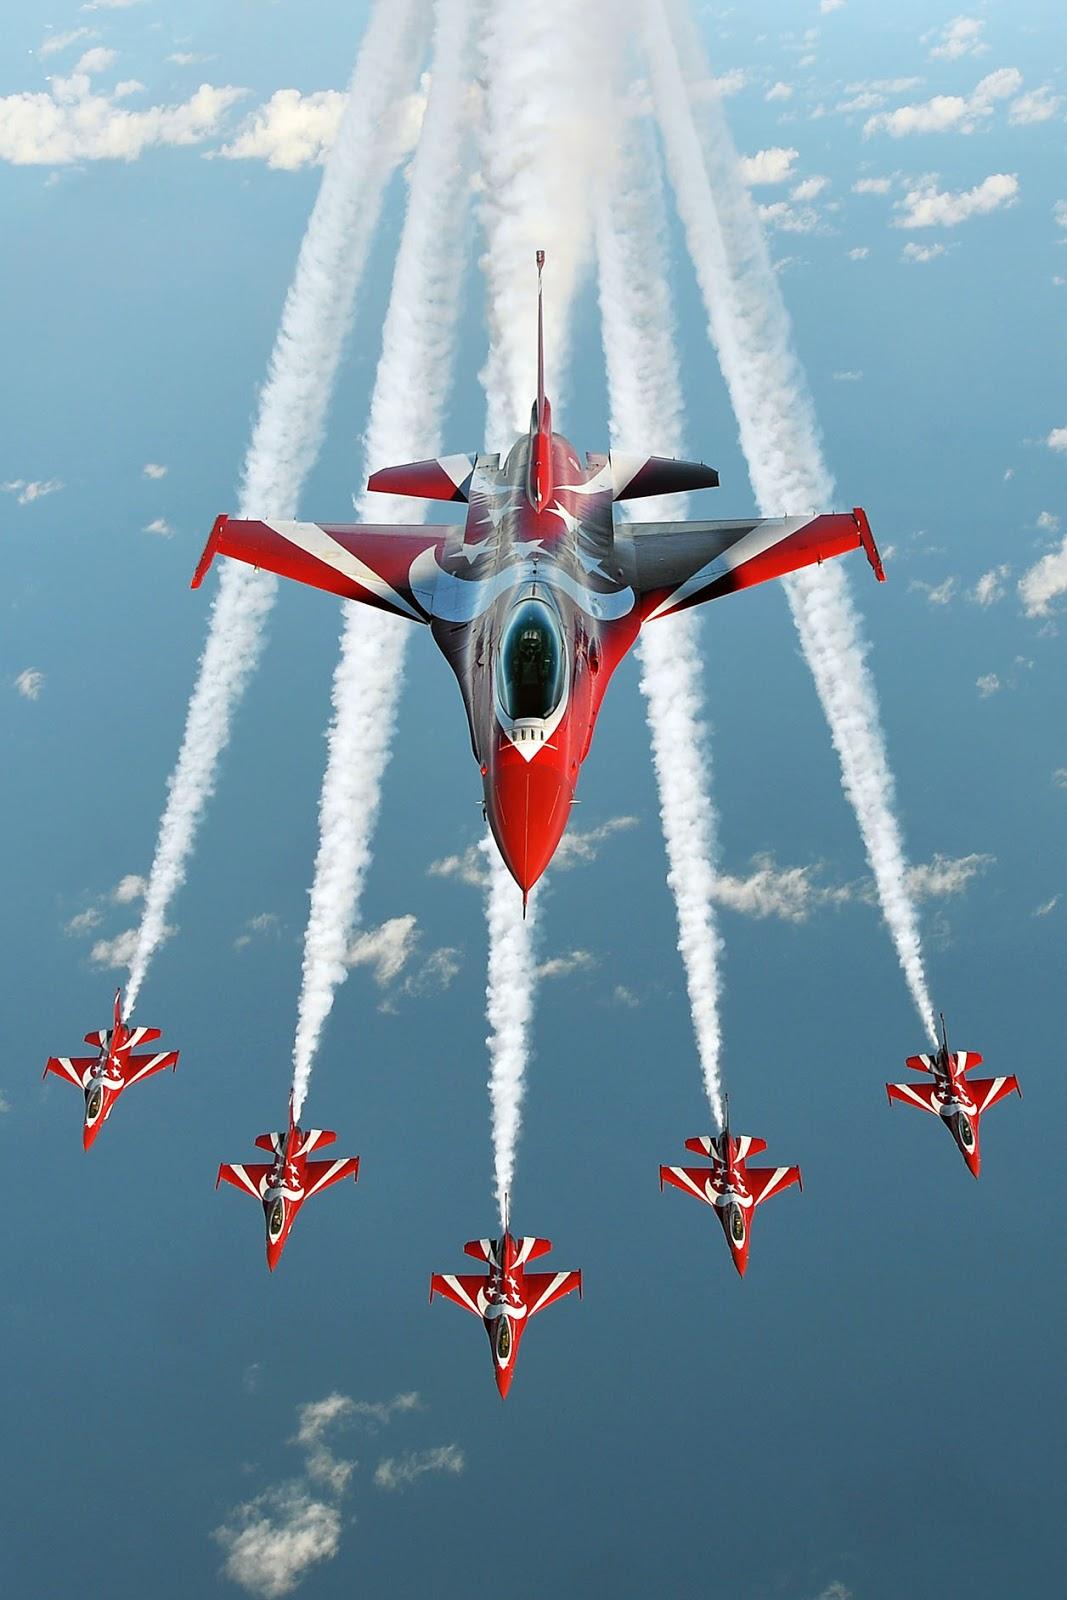 red flighter sky figure